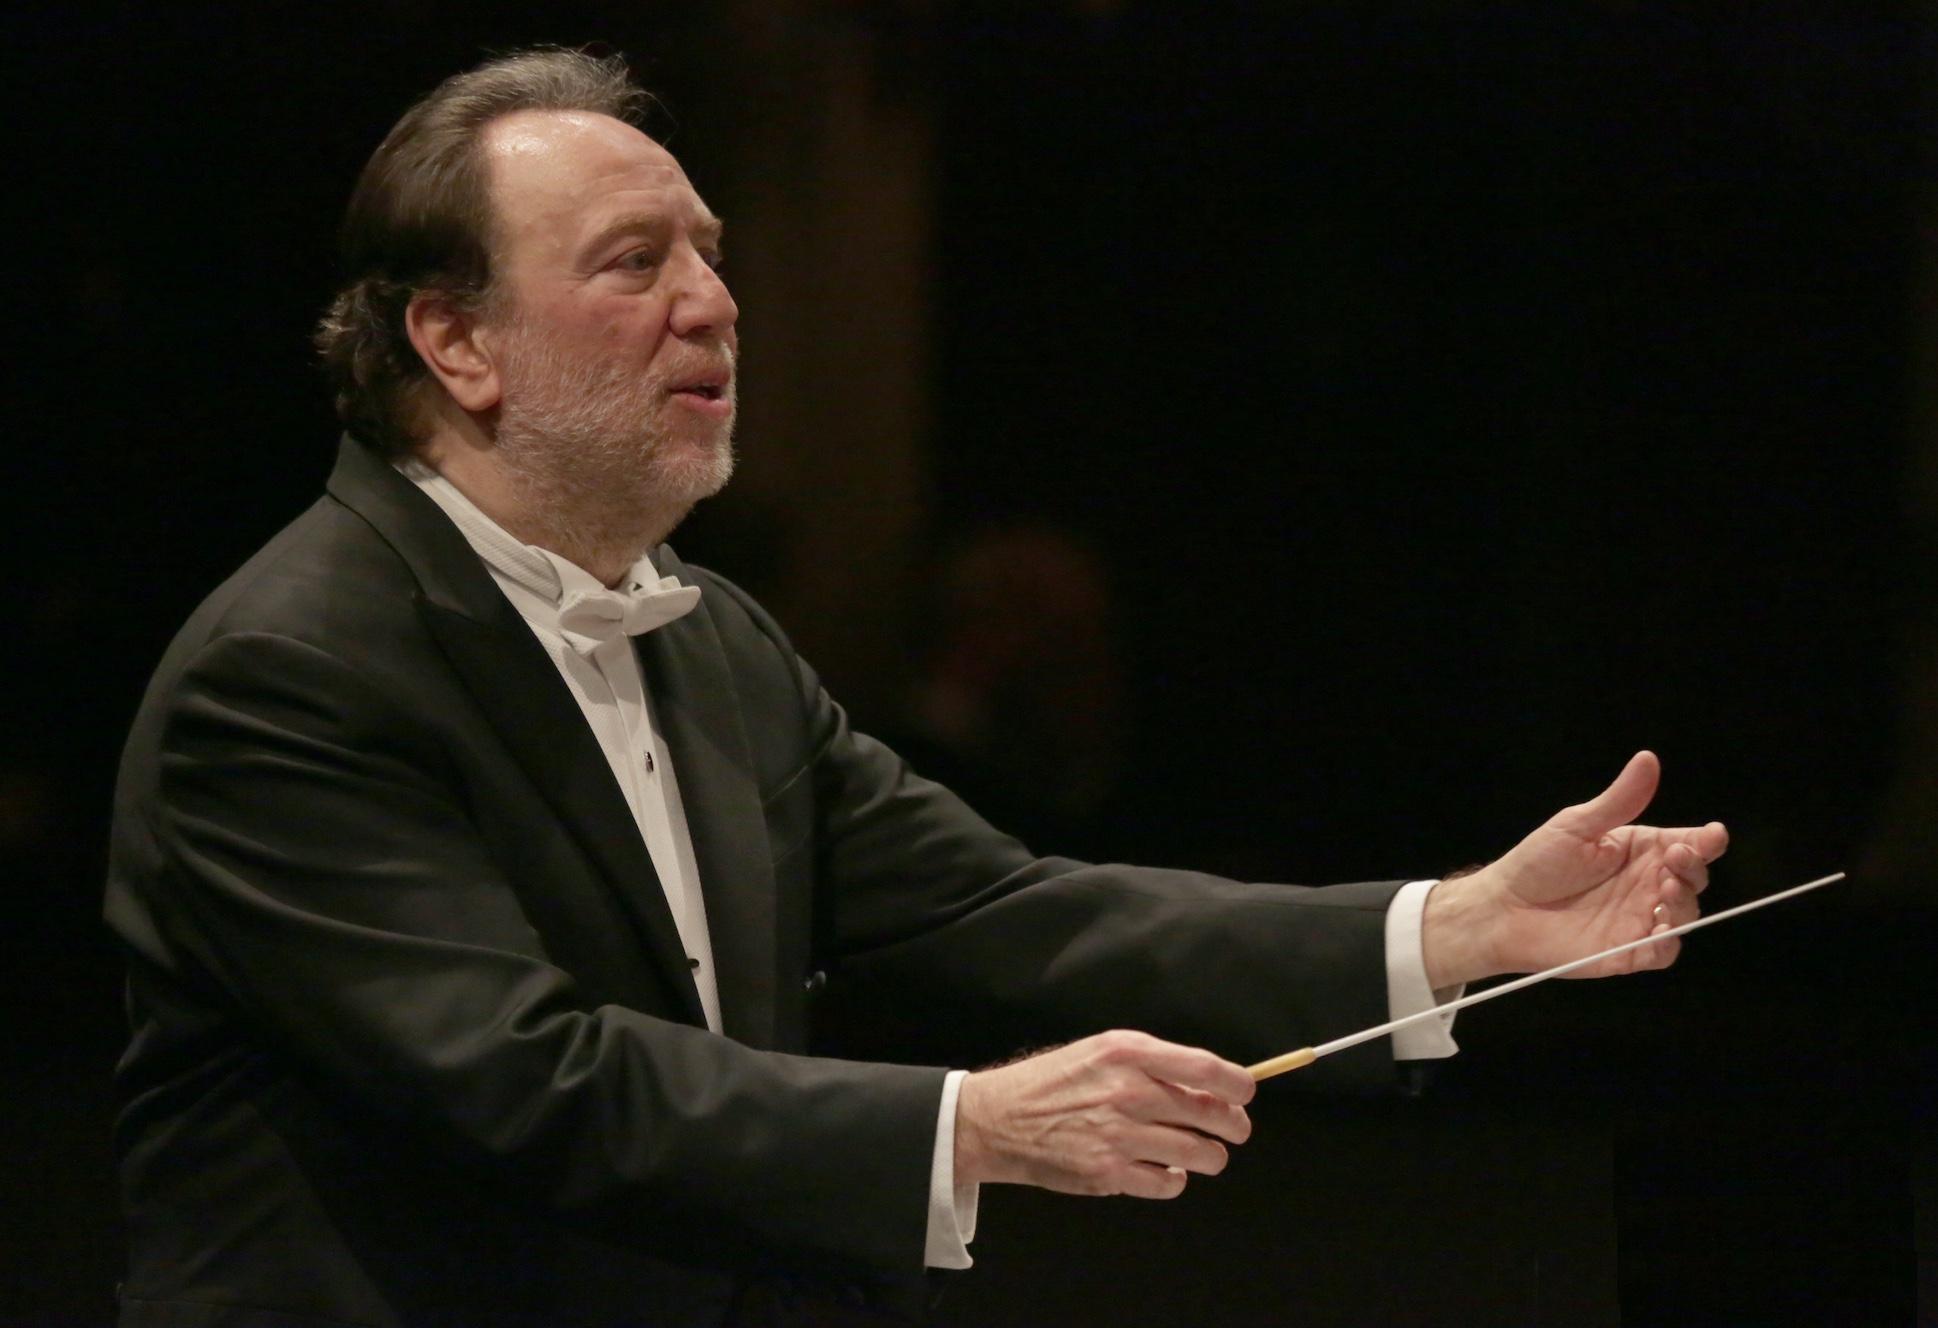 Teatro alla Scala, Riccardo Chailly, Filarmonica della Scala, Mahler, Milano, Sinfonica